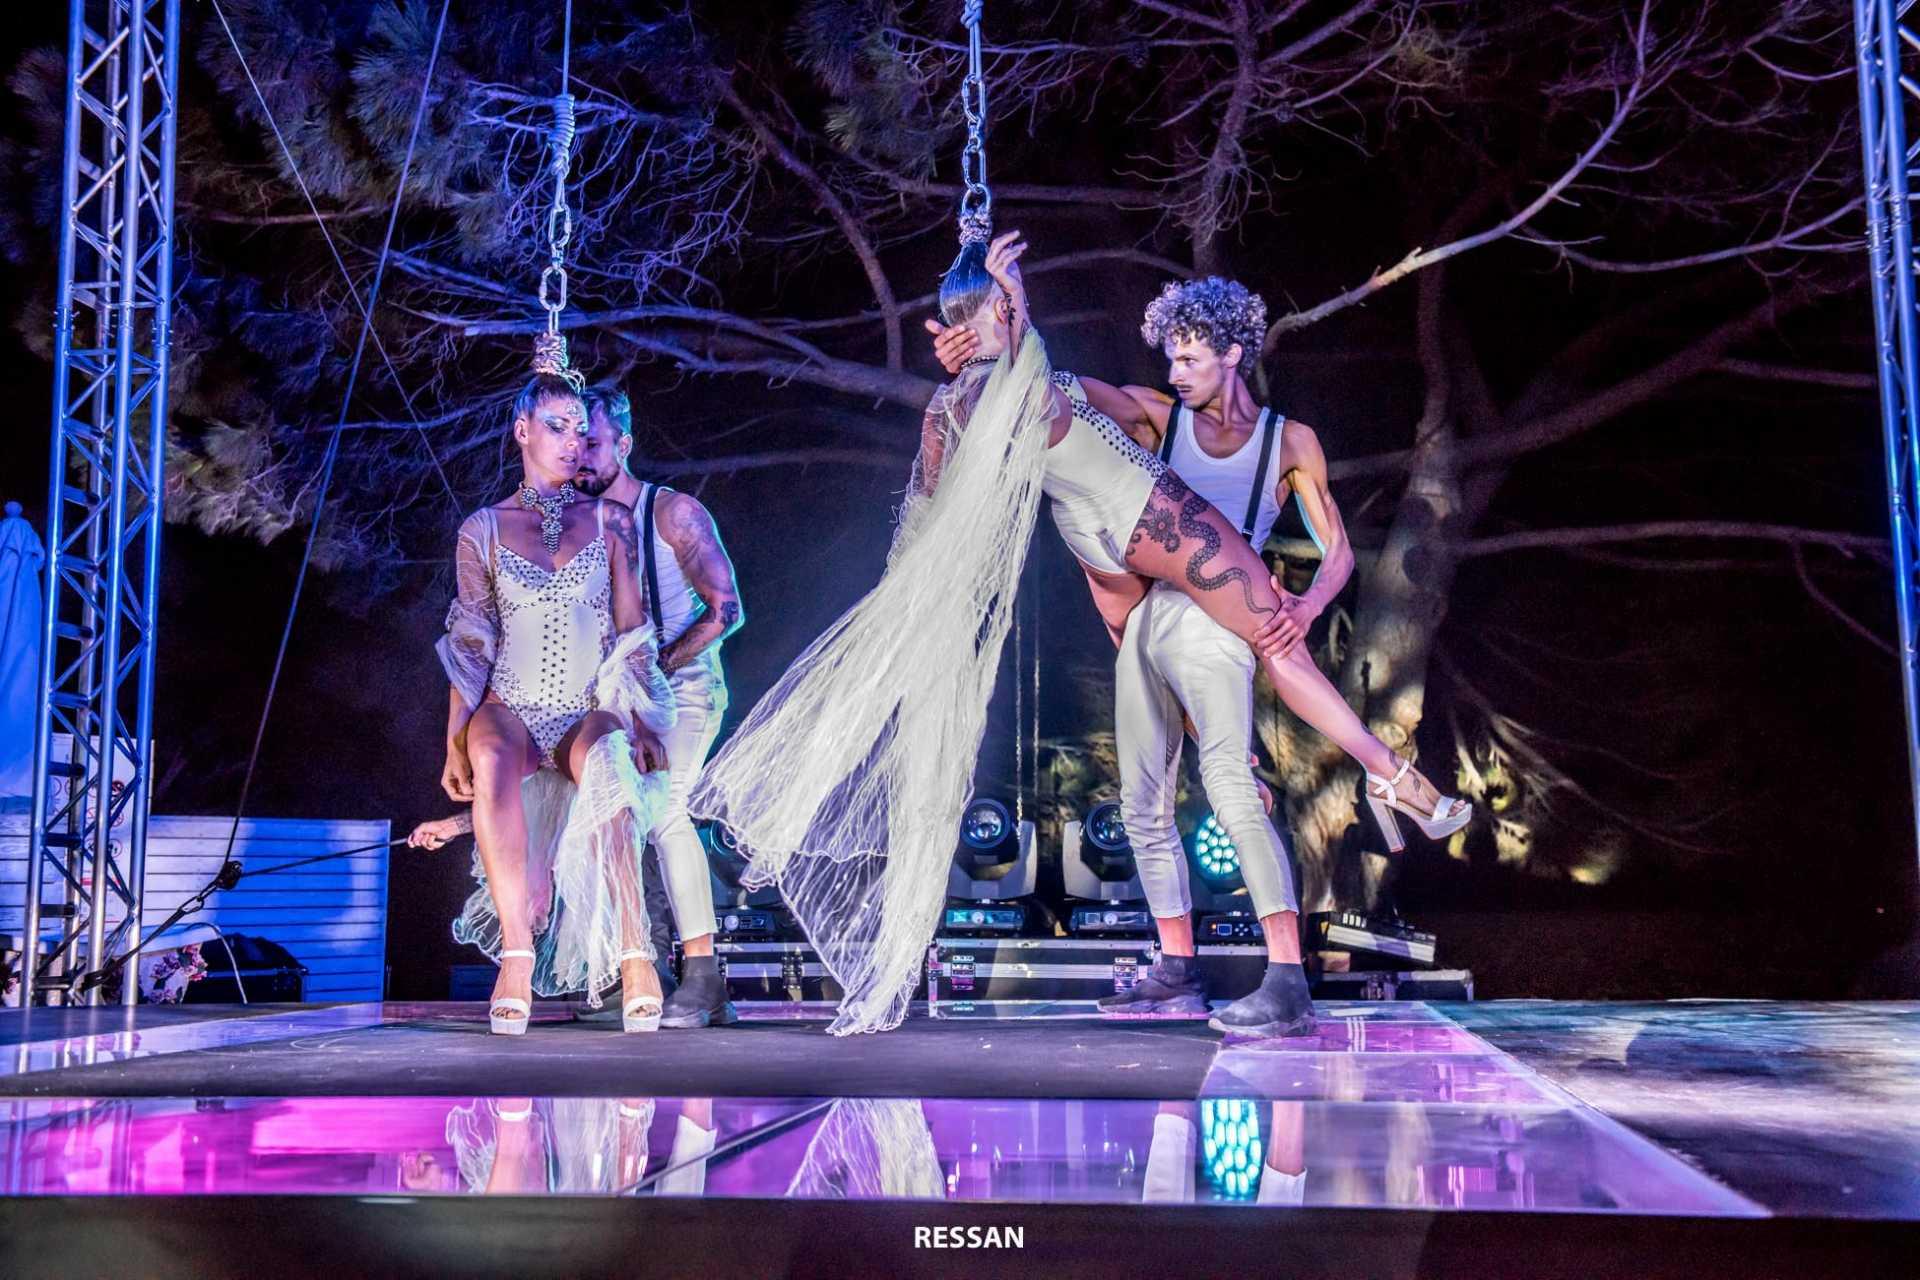 SDC Ibiza Entertainment Swingers Vakantie Foto door Ressan